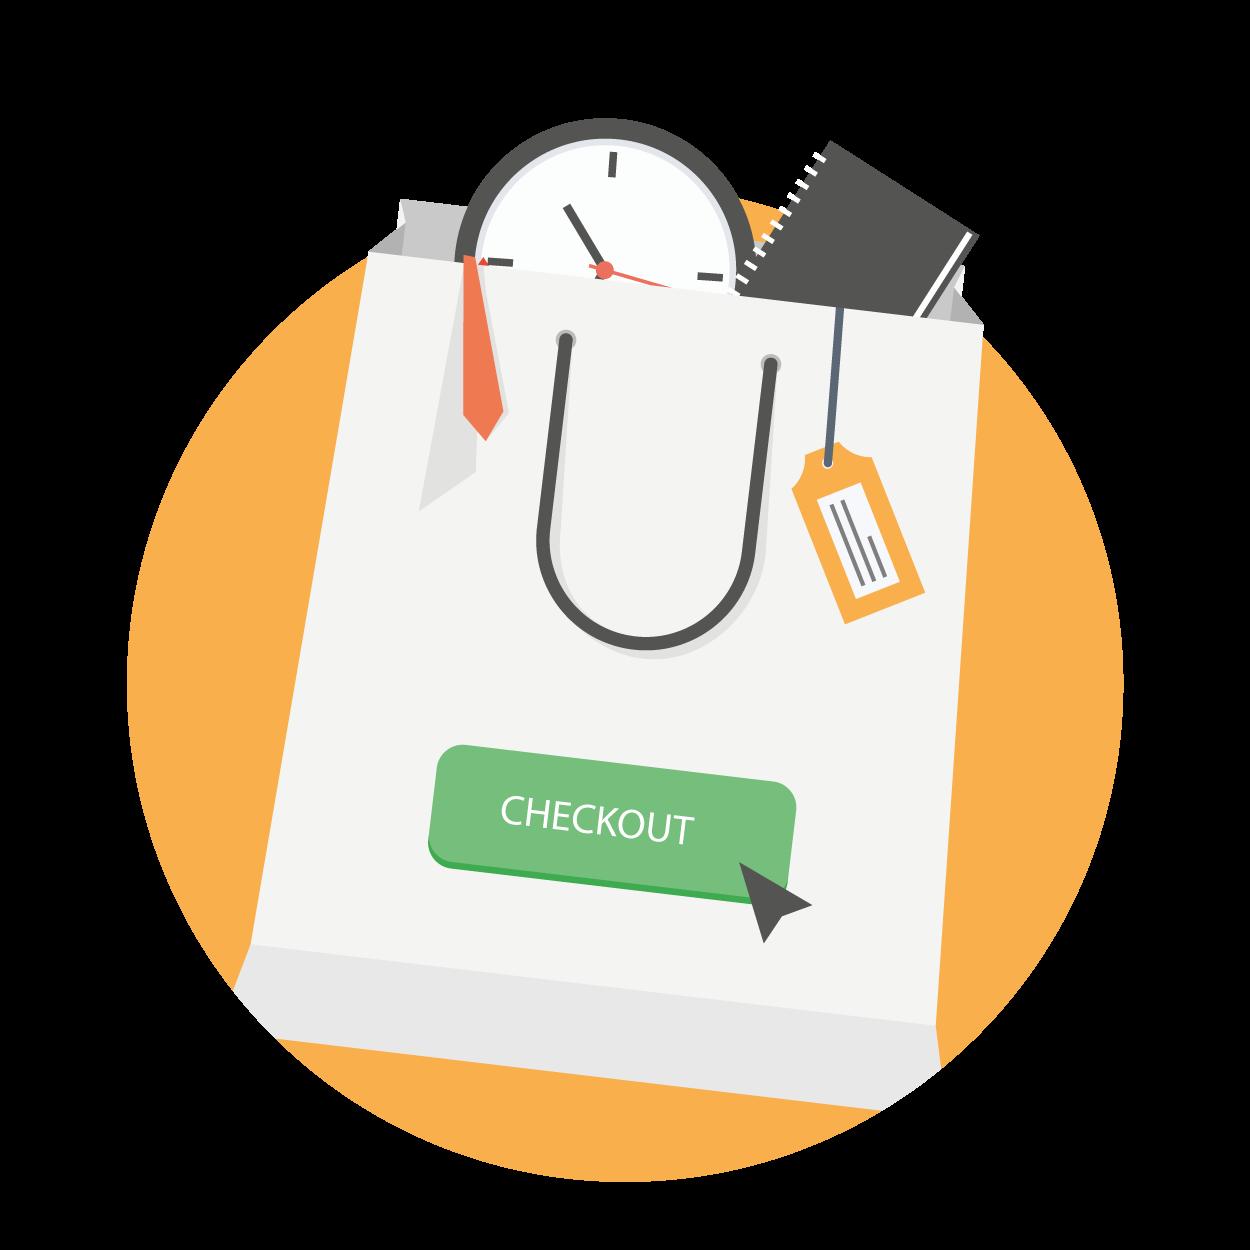 Objednání : vyberete produkt a dokončíte objednávku